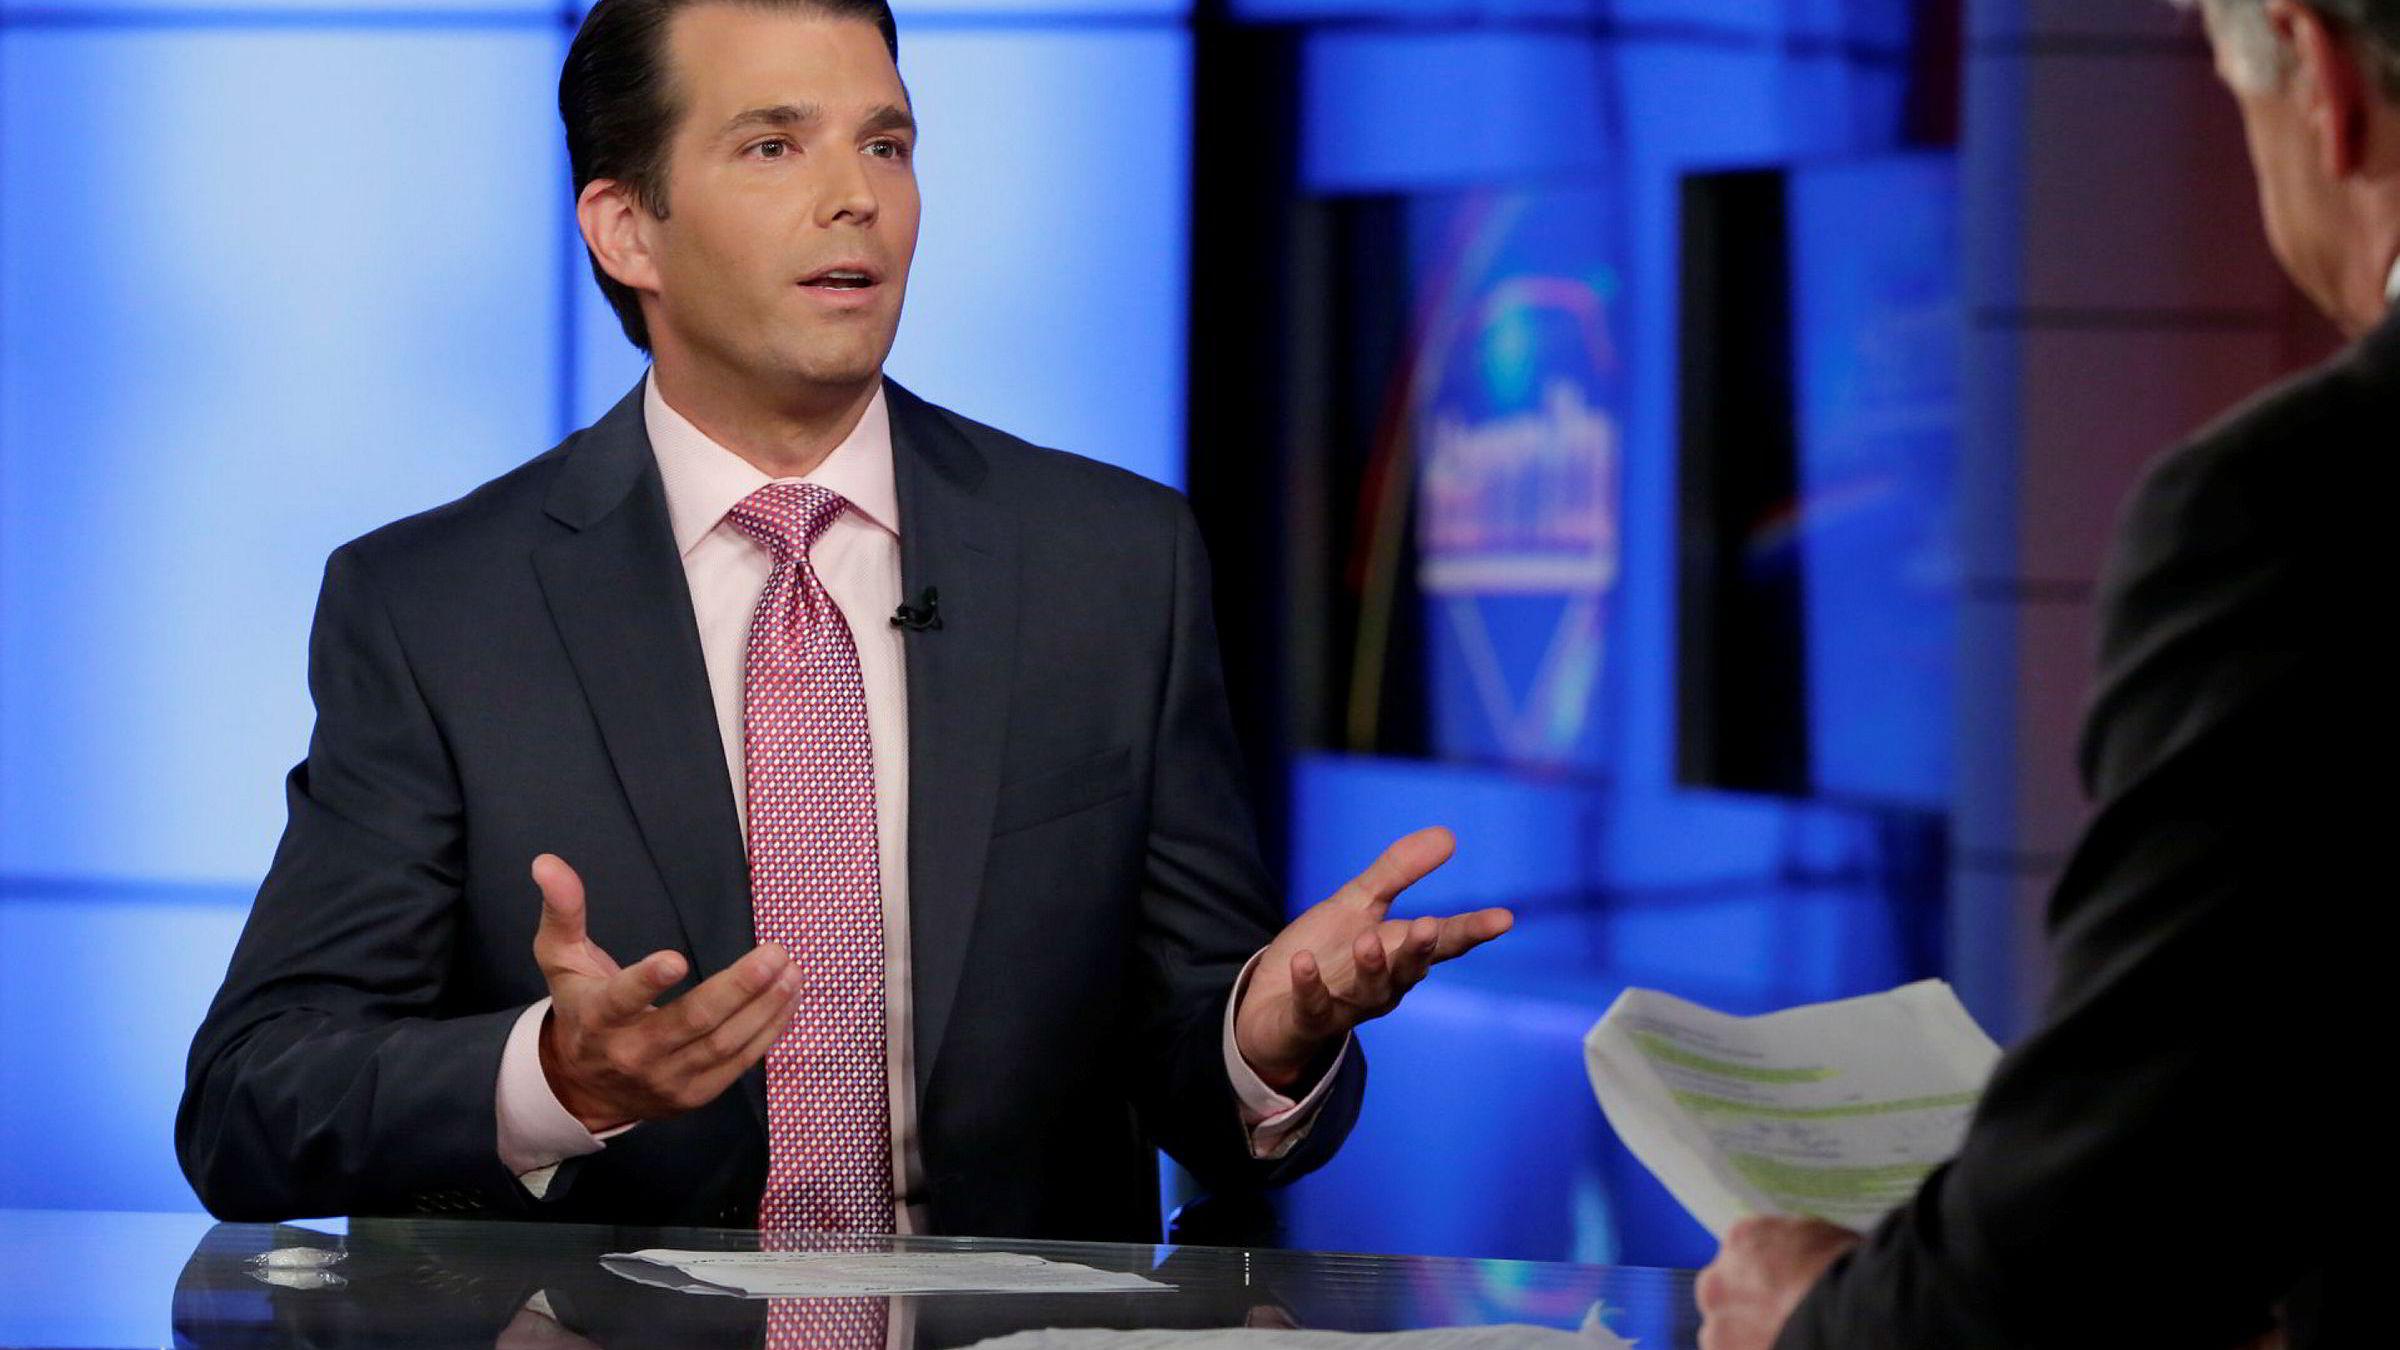 Donald Trump junior sa under et intervju med TV-vert Sean Hannity på Fox News at han i ettertid ser at han kunne gjort ting annerledes, etter å ha publisert fire sider med epostutveksling på Twitter.